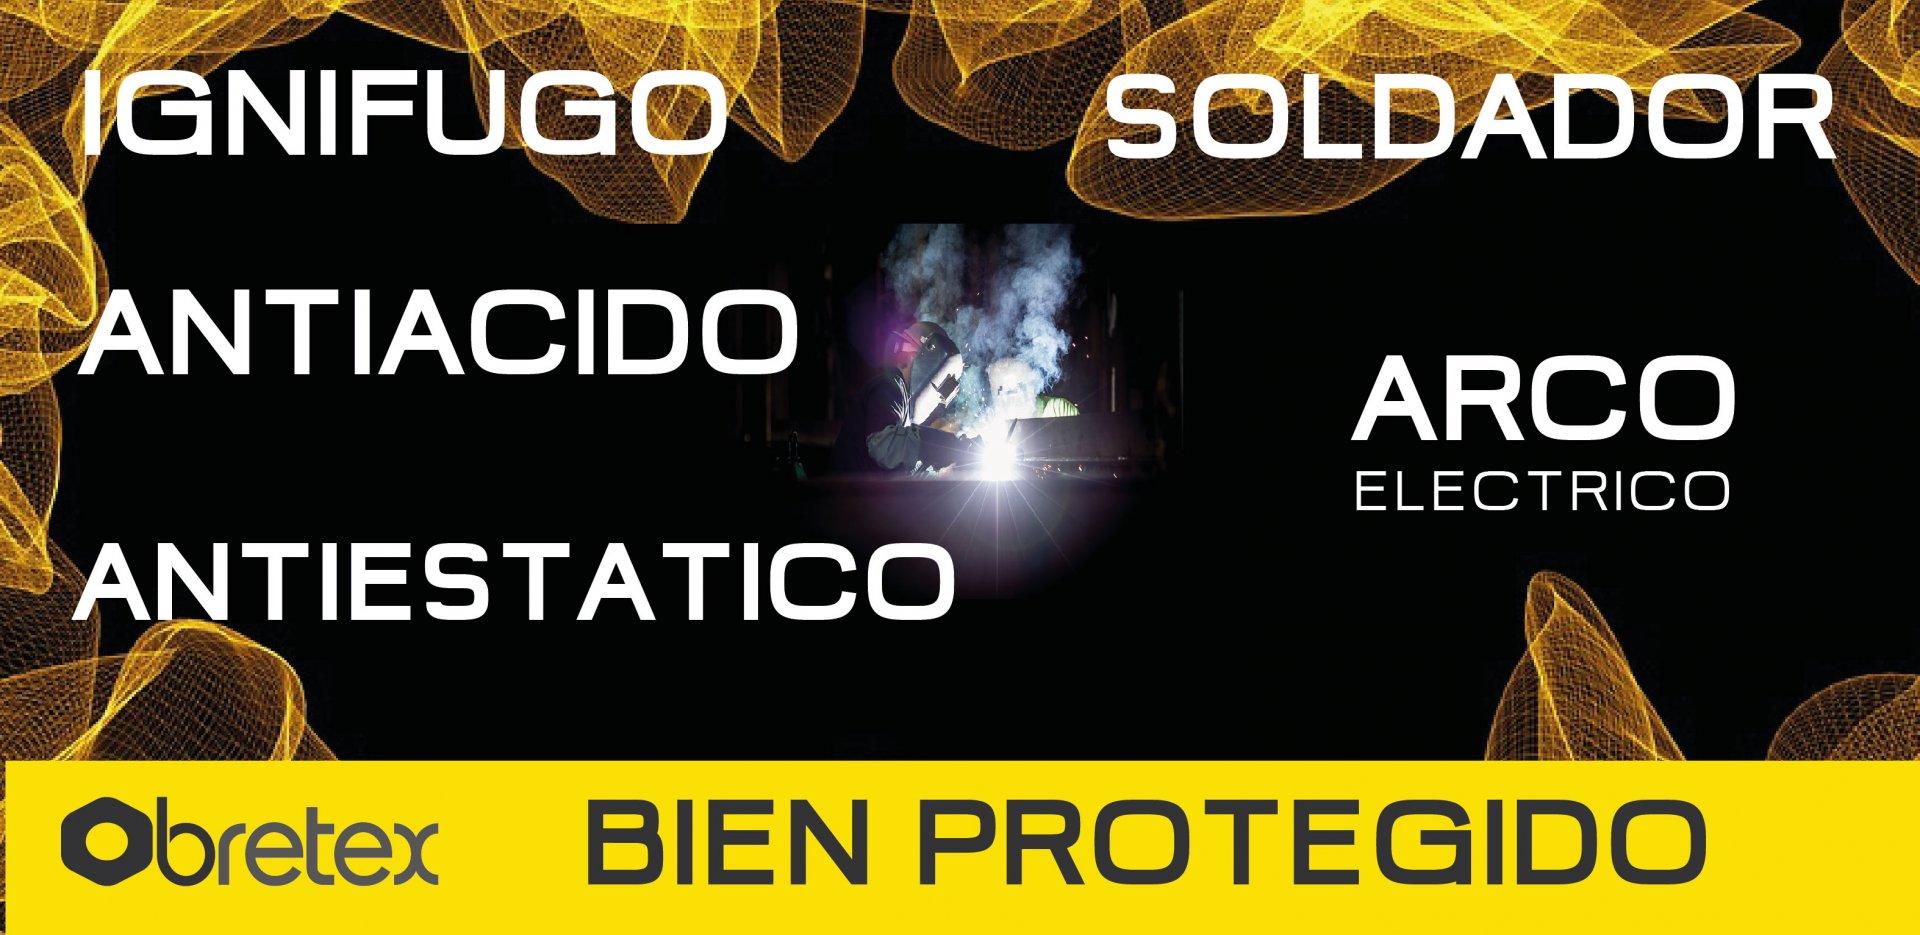 R20 ignifugo www.obretex.es.jpg